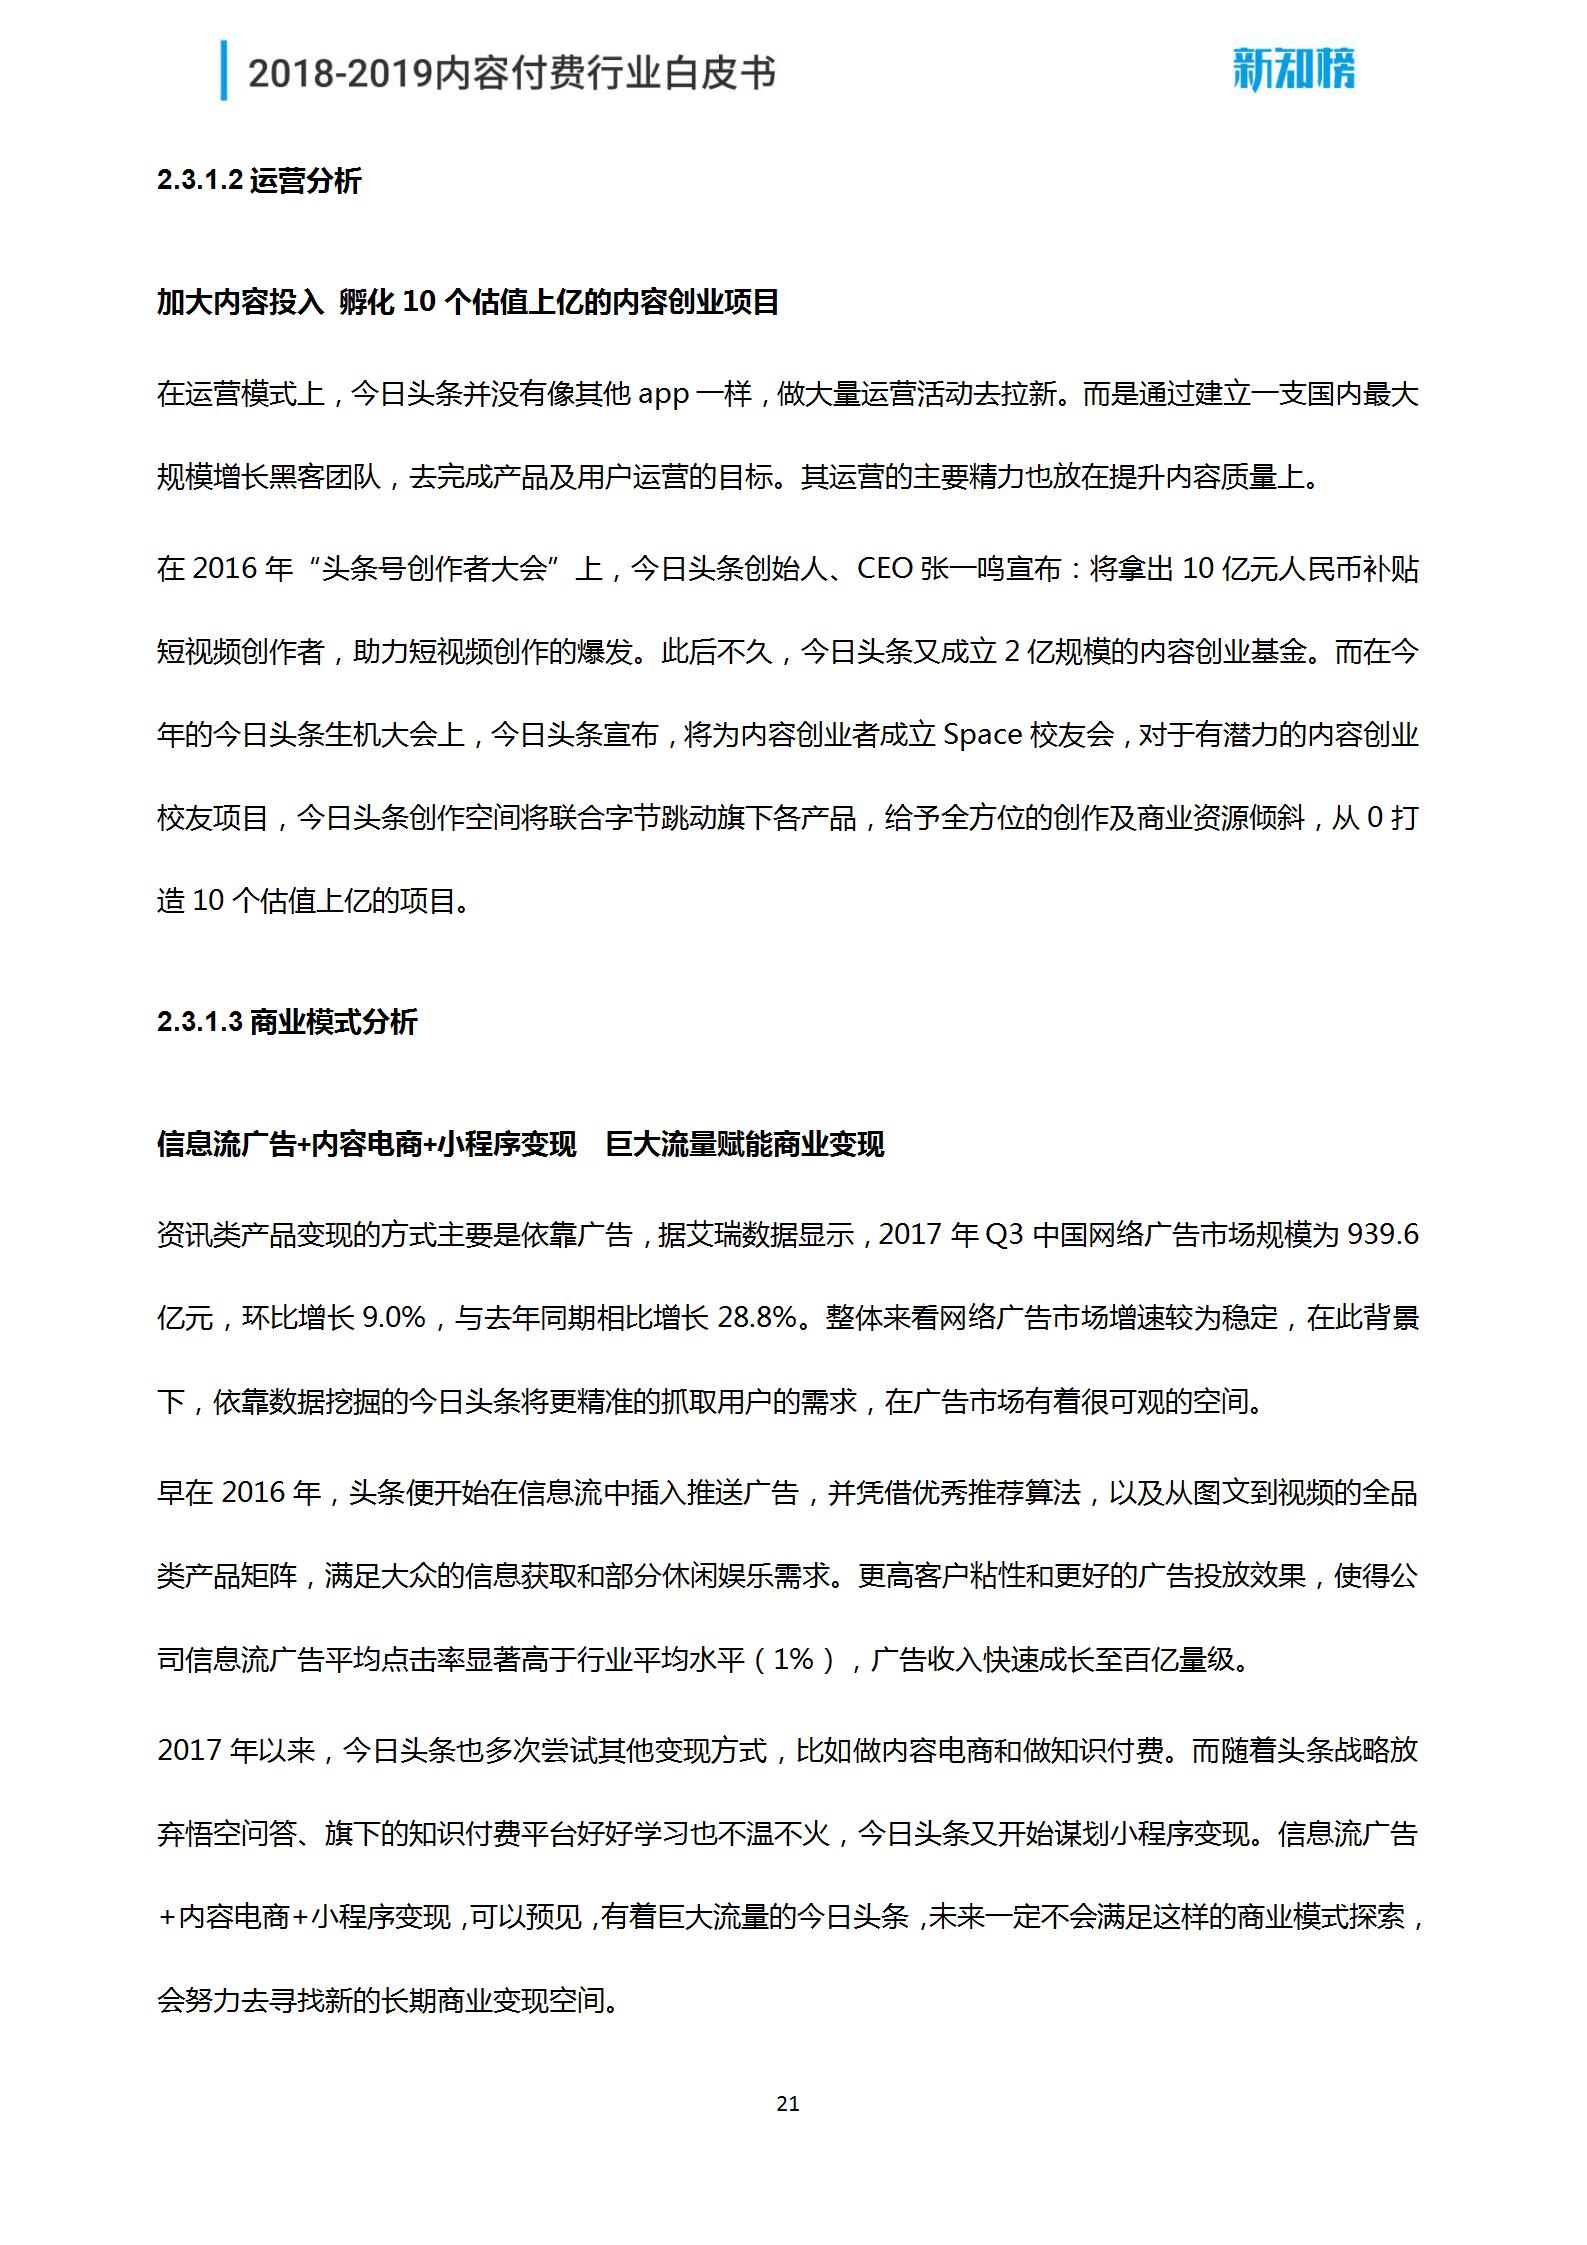 新知榜2018-2019内容付费行业白皮书_21.png